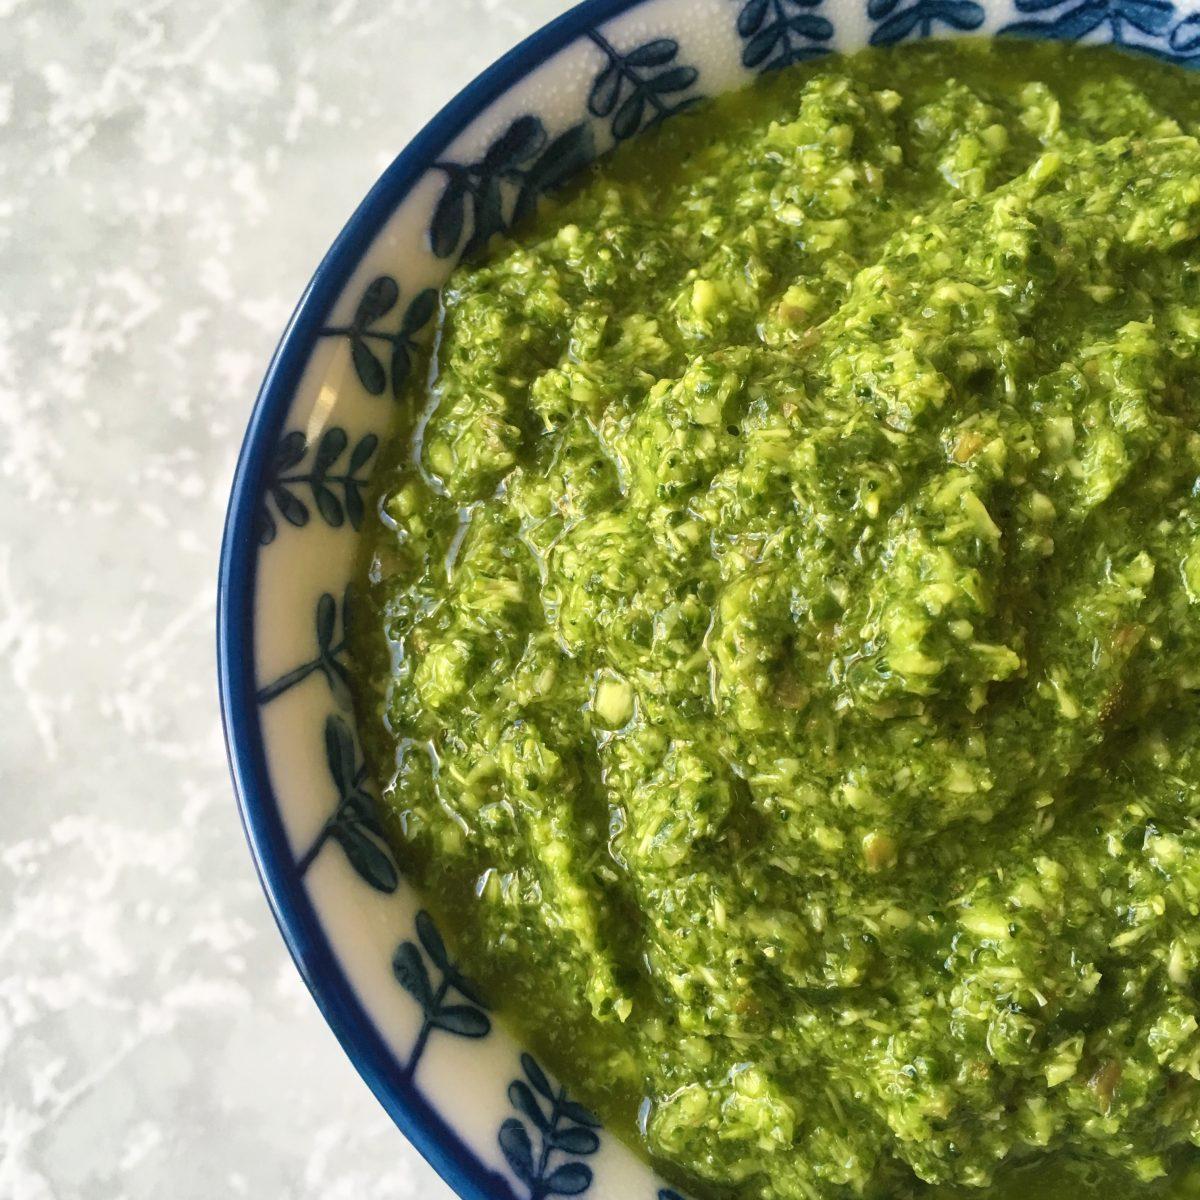 Broccoli Pesto with Capers